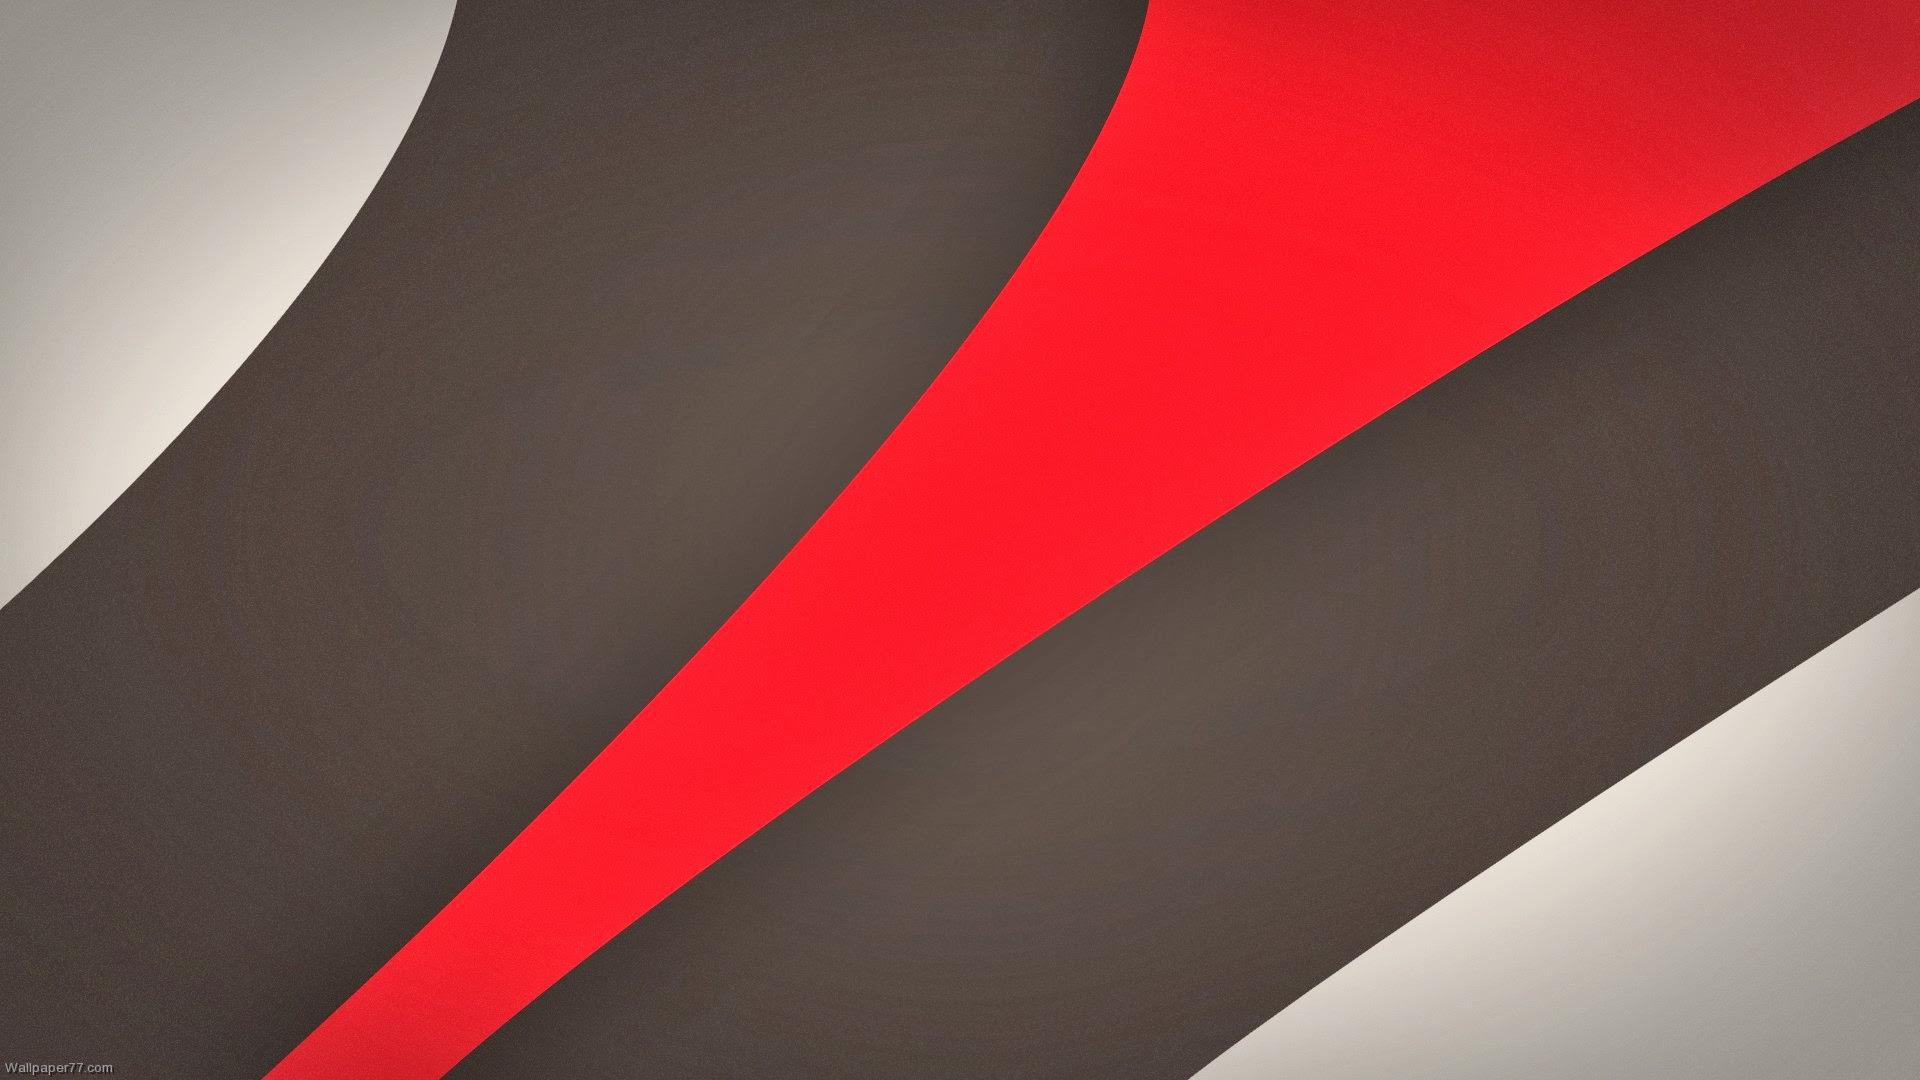 графика абстракция линии красные  № 3664340 без смс